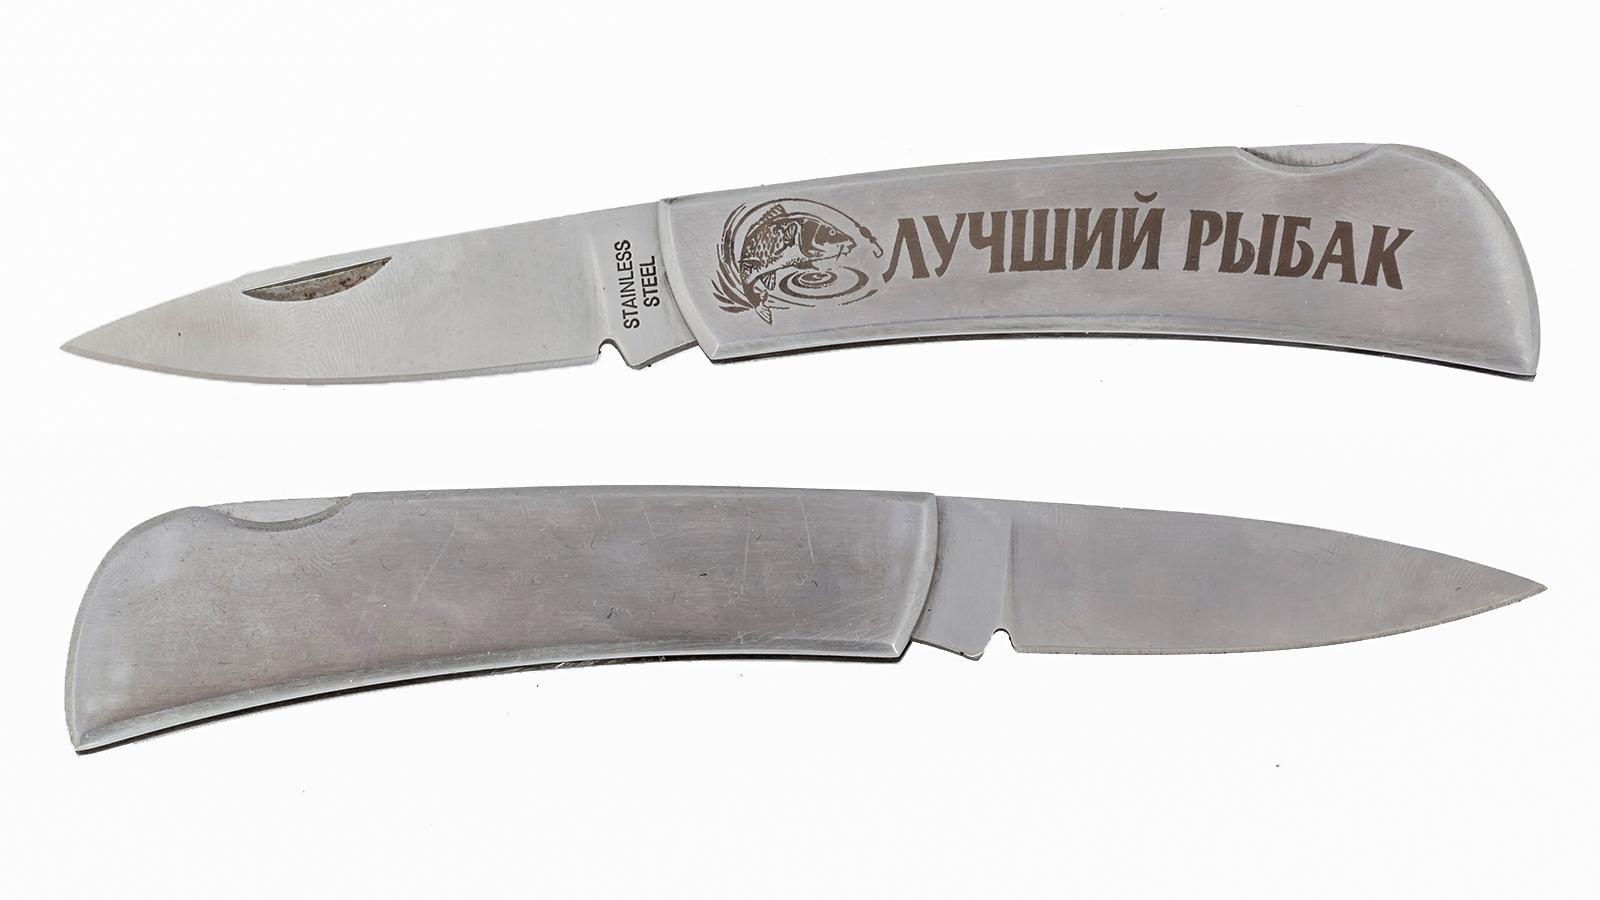 """Купить оригинальный складной нож """"Лучший рыбак"""""""